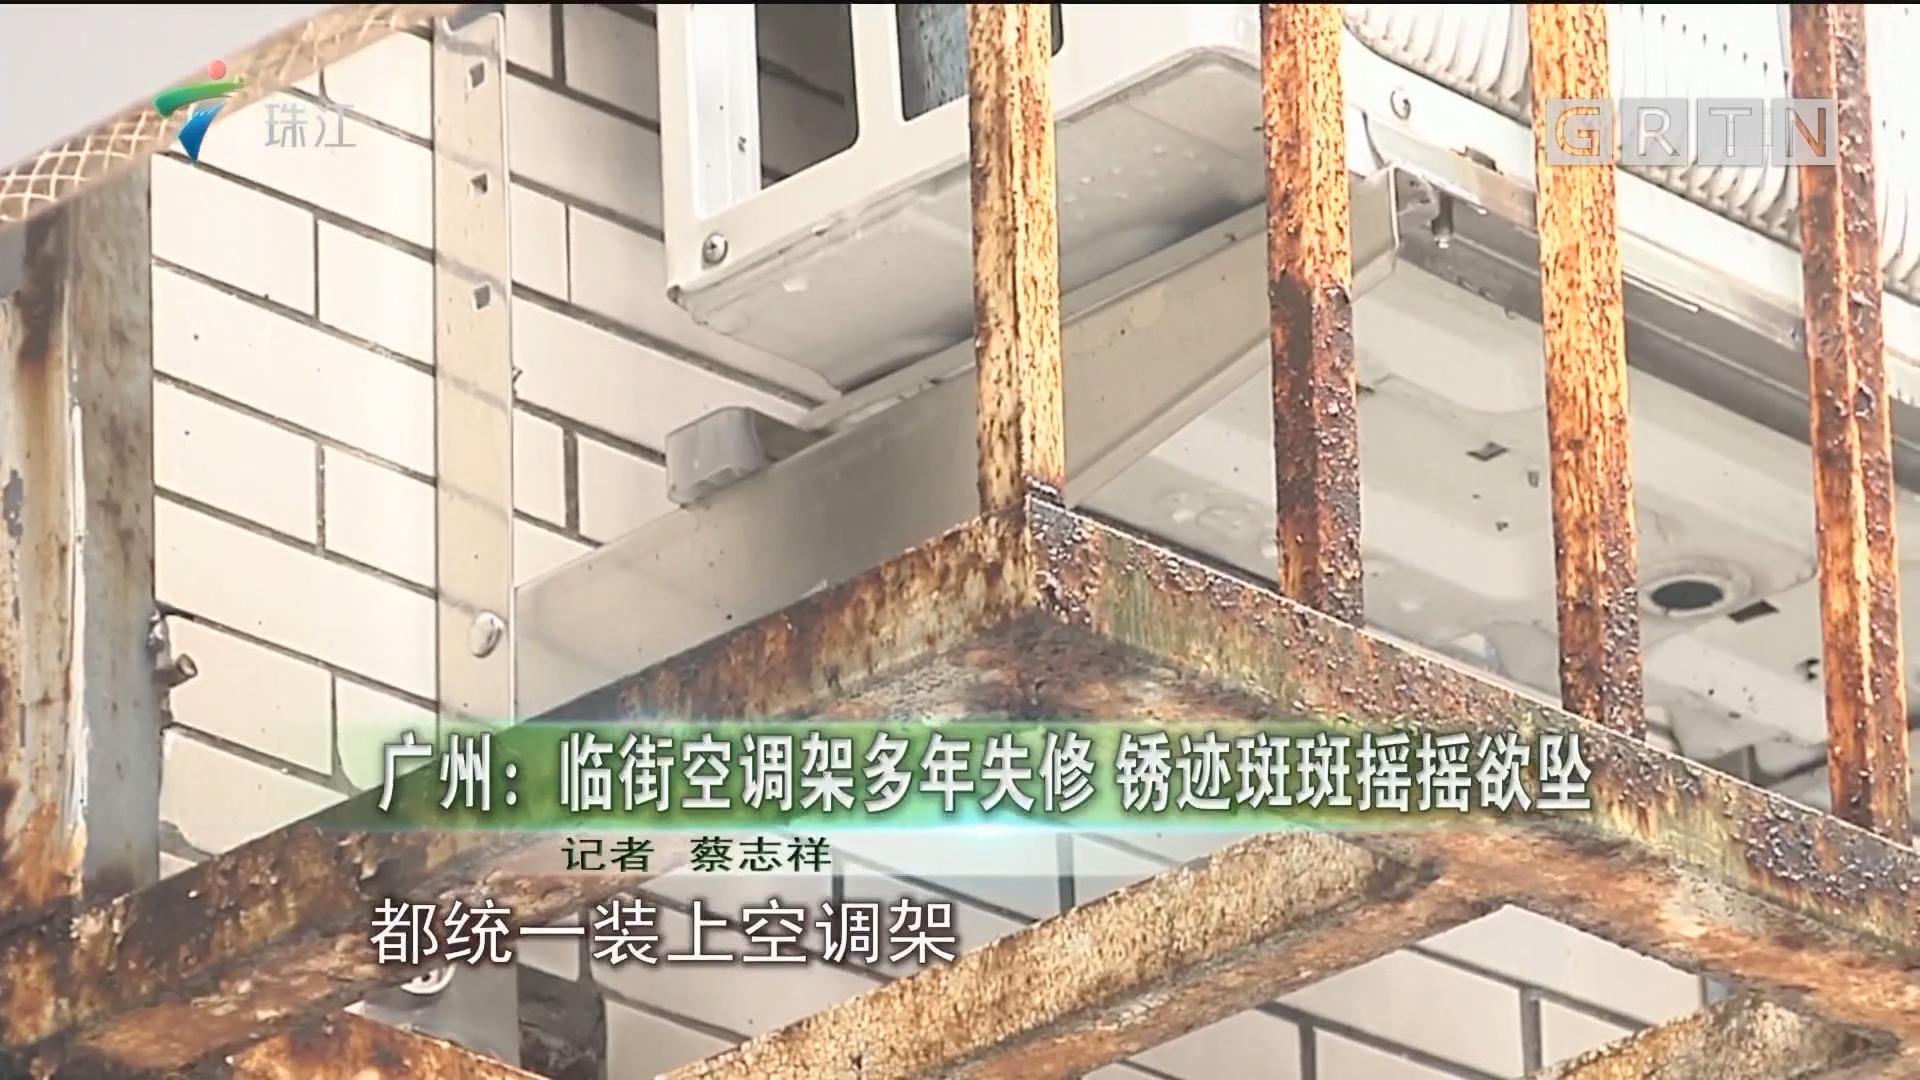 广州:临街空调架多年失修 锈迹斑斑摇摇欲坠